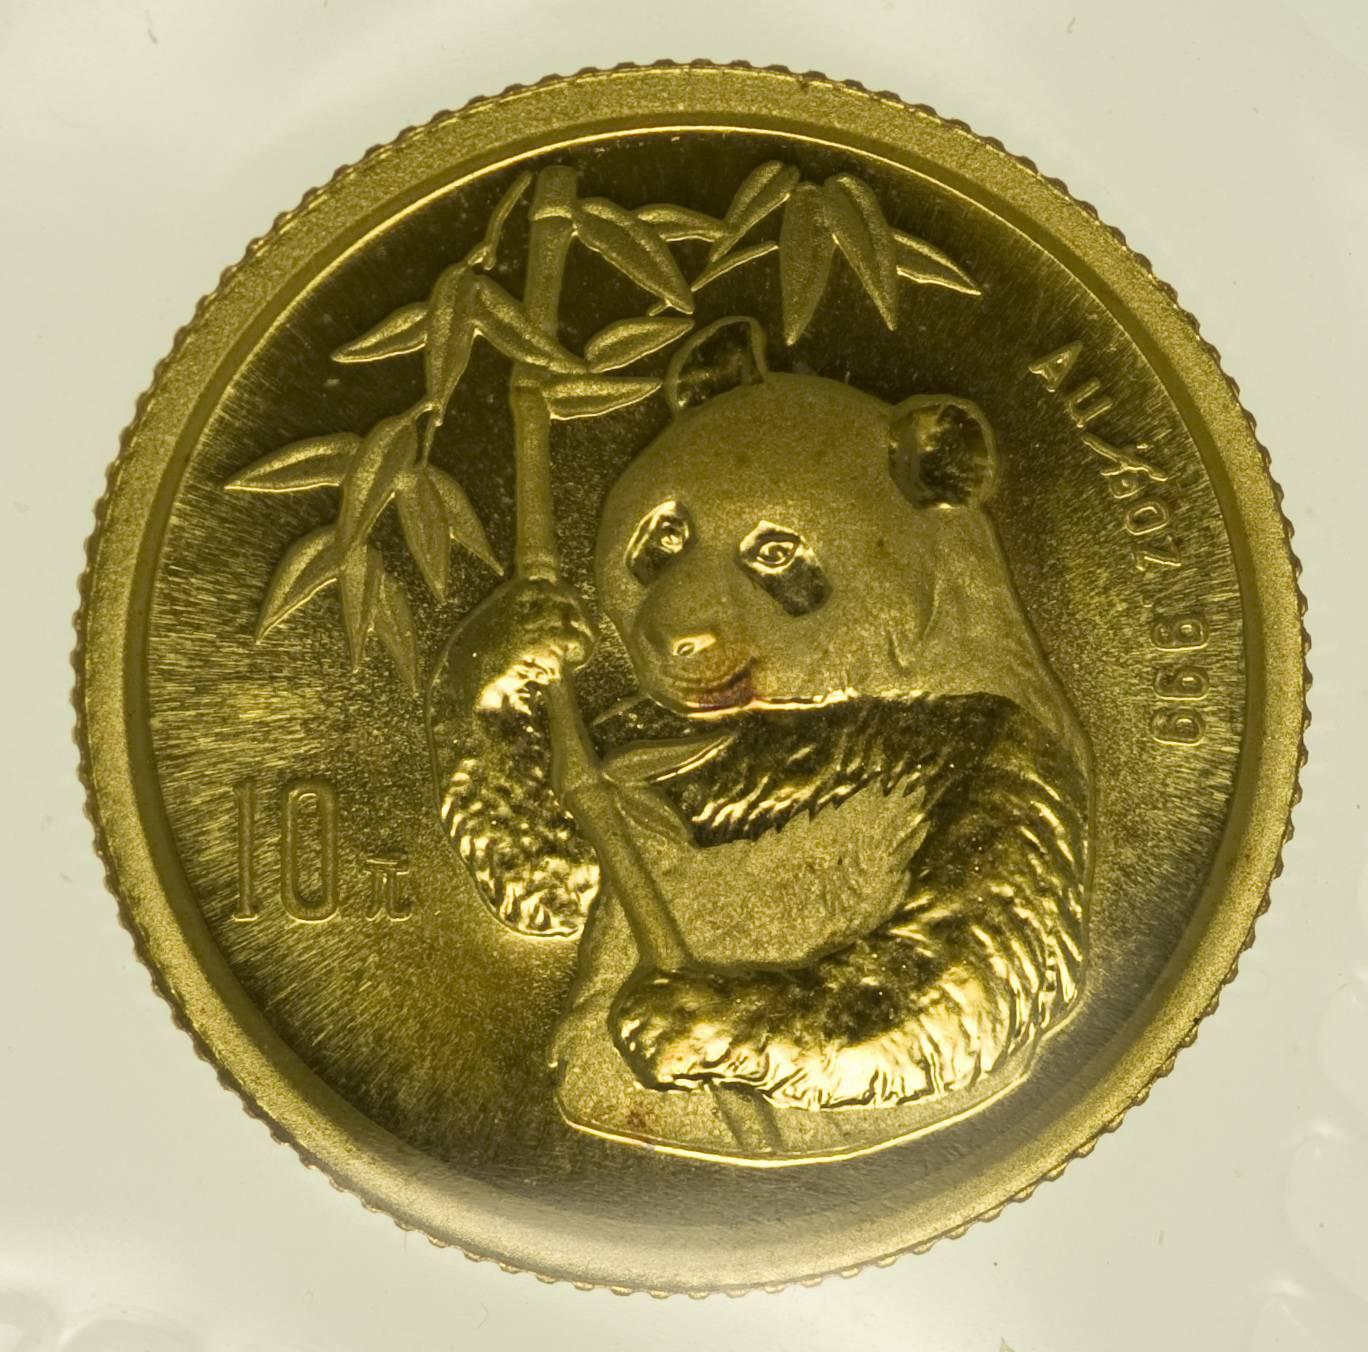 1/10 Unze Goldmünze China Panda 1995 10 Yuan 3,11 Gramm fein Gold RAR